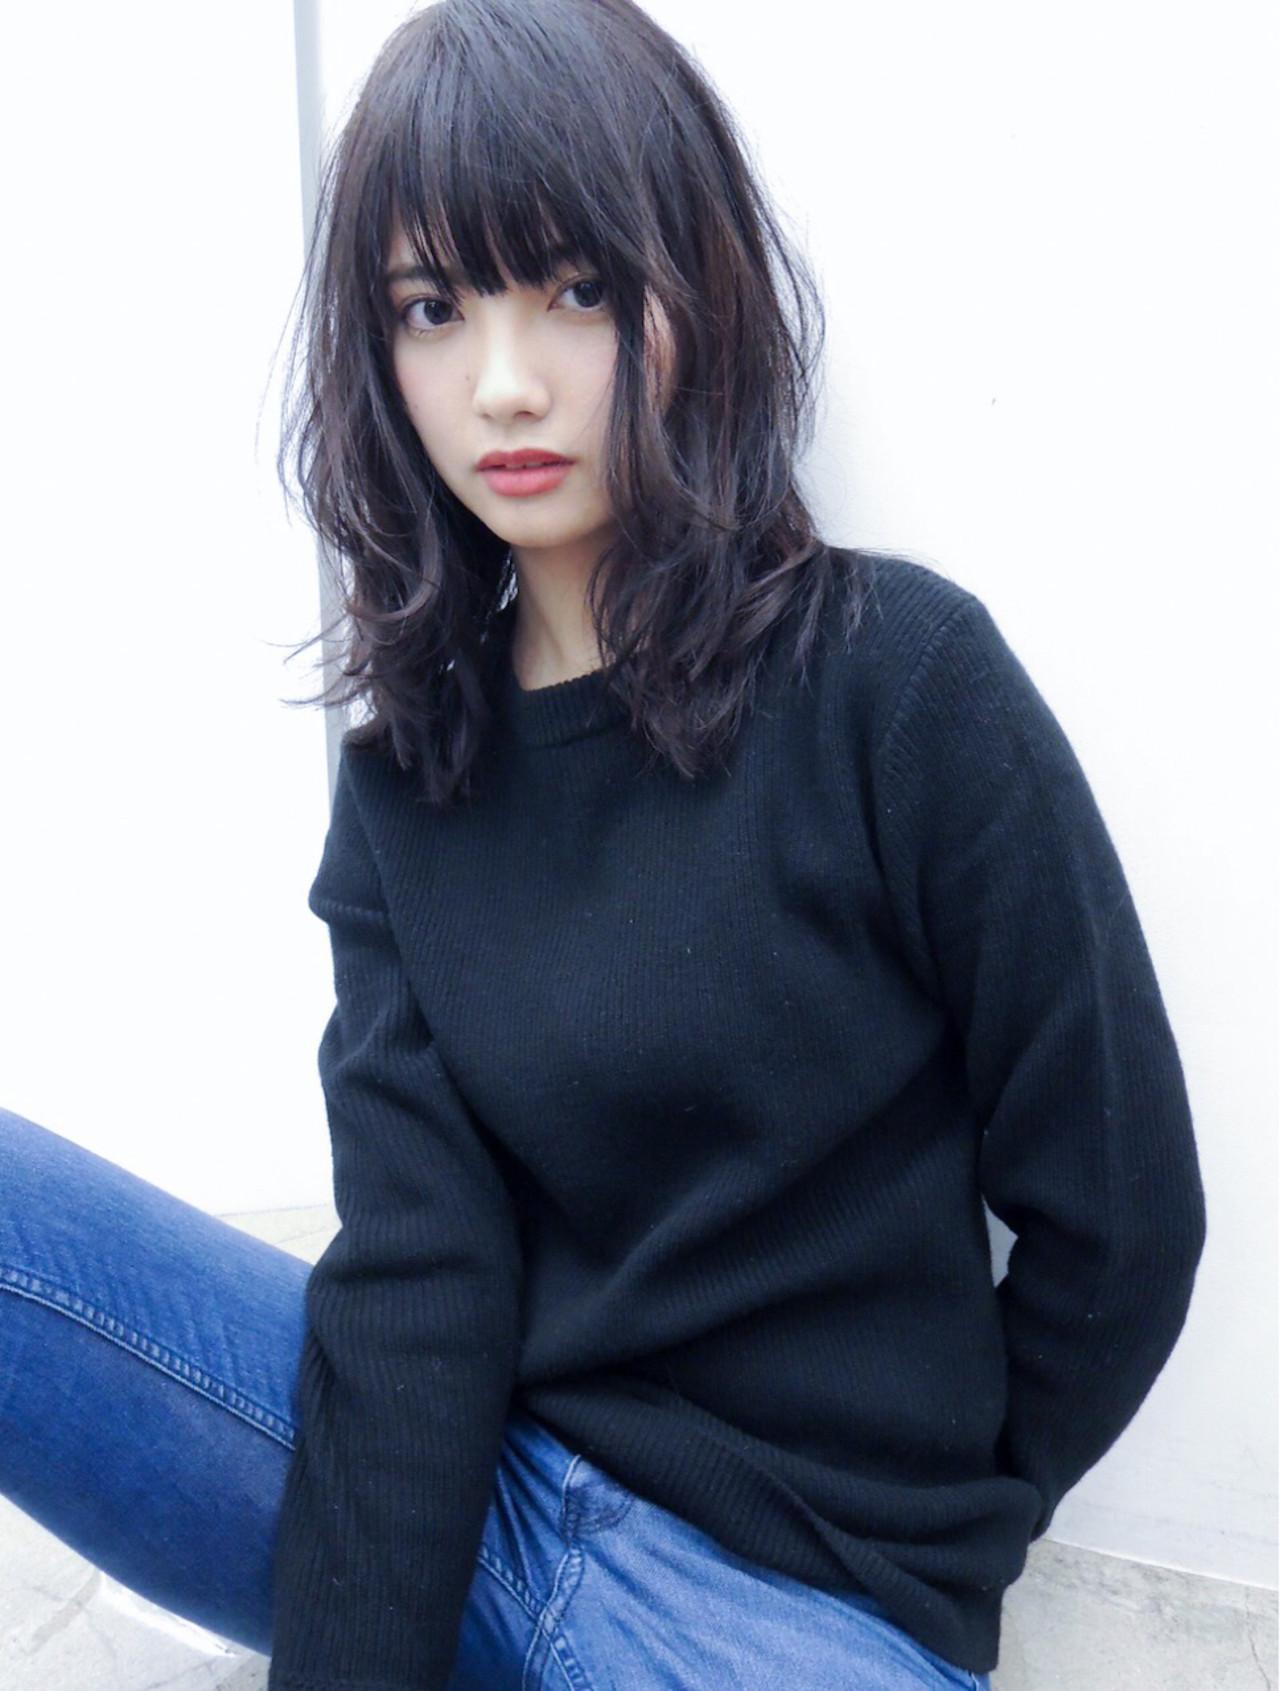 黒髪 デジタルパーマ 前髪あり パーマ ヘアスタイルや髪型の写真・画像